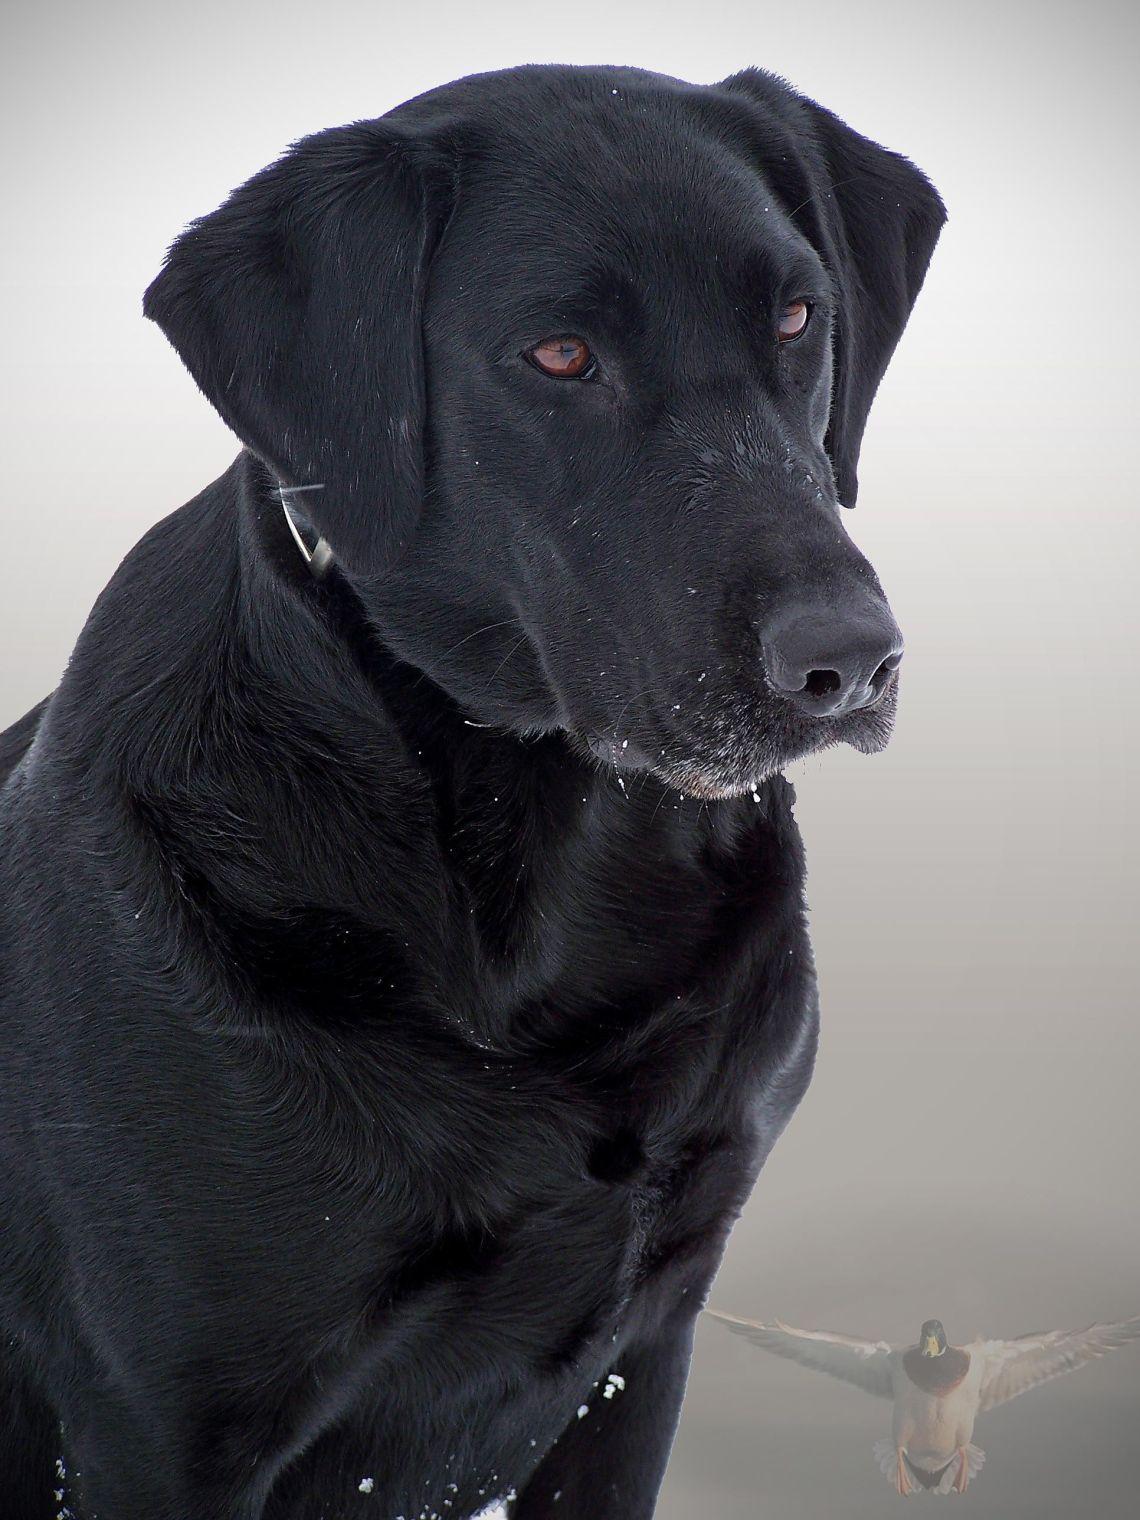 Black dog Pitbull Dog Black